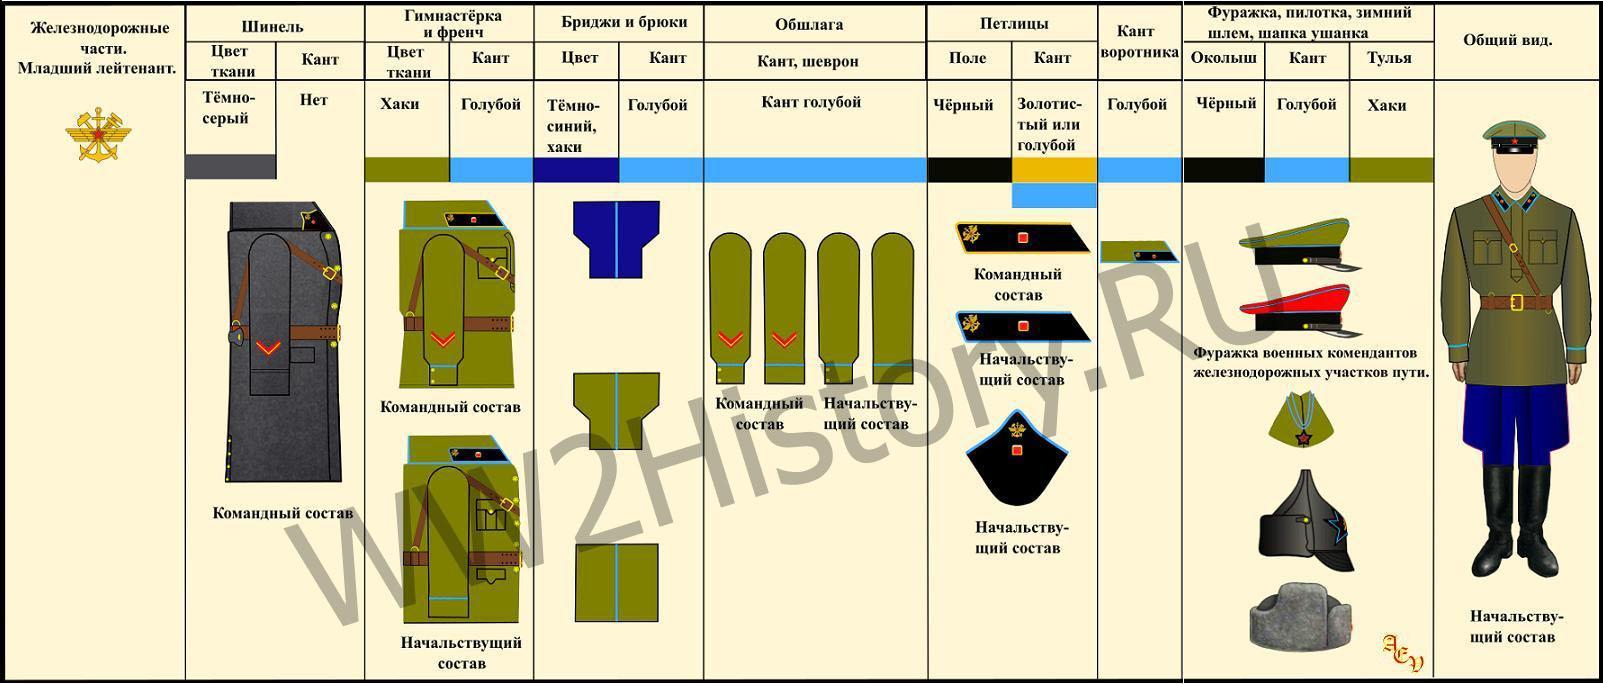 Таблица формы одежды командного, начальствующего и политического состава РККА на 22.6.1941 года 420e2395